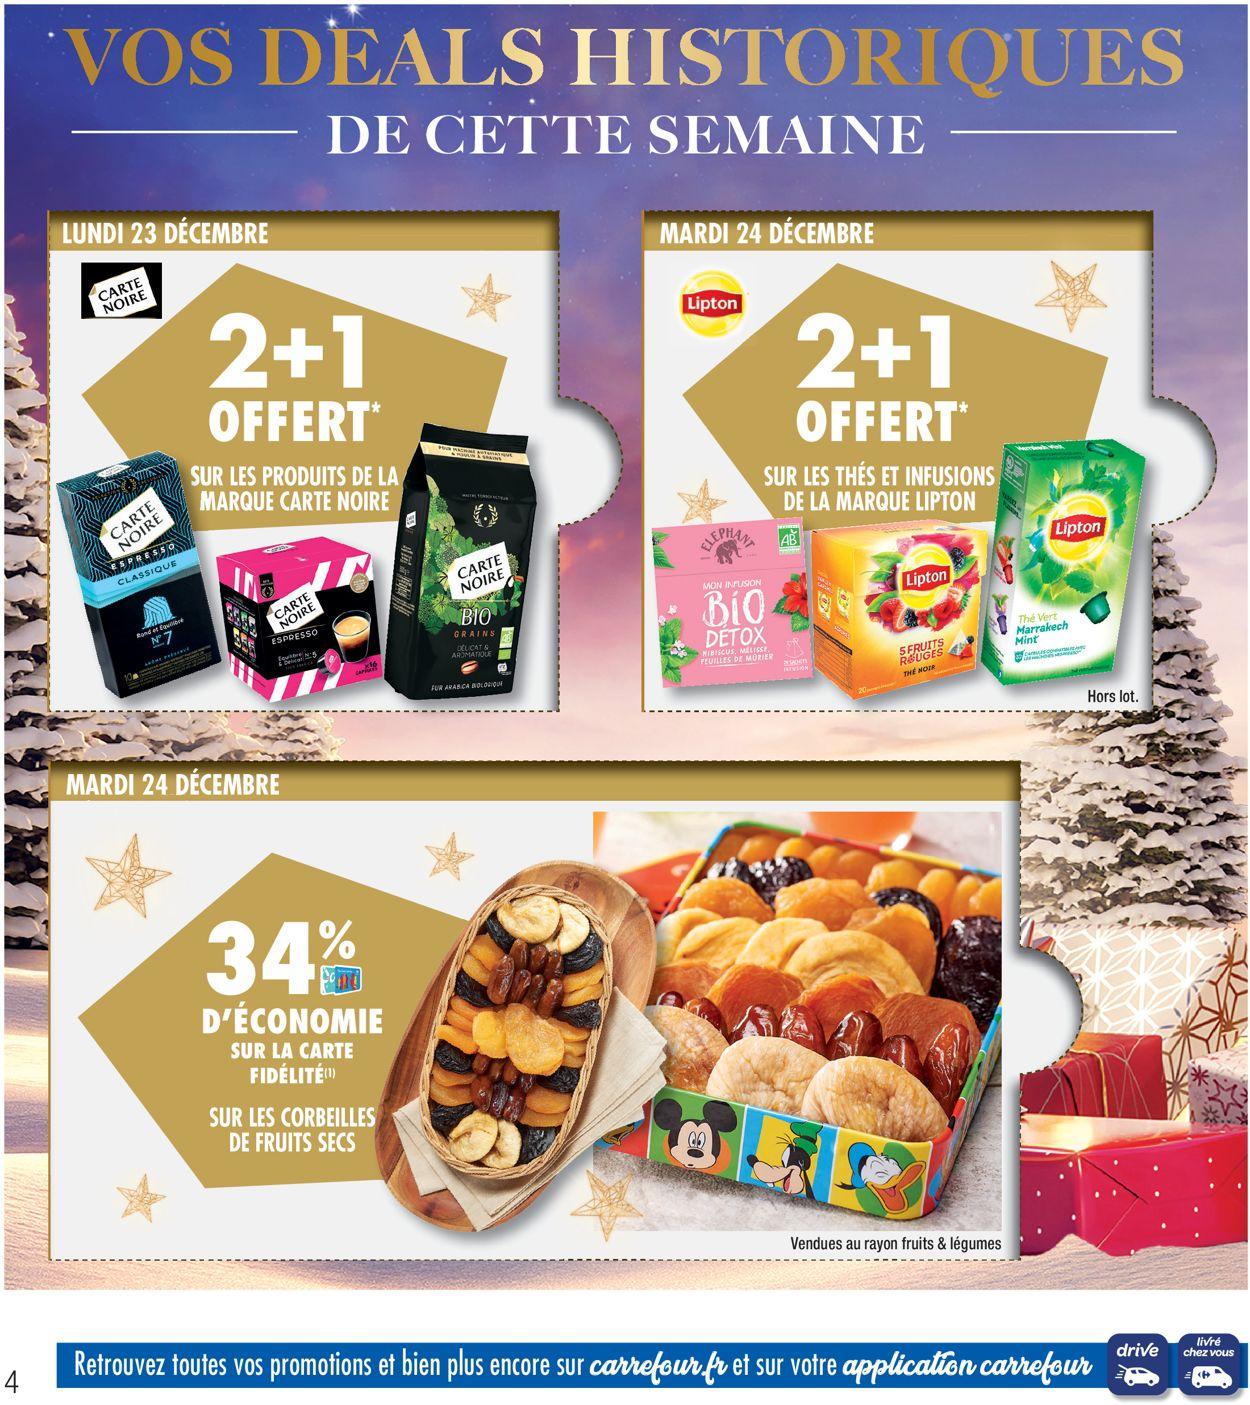 Catalogue du Nouvel An Carrefour Catalogue - 23.12-31.12.2019 (Page 4)